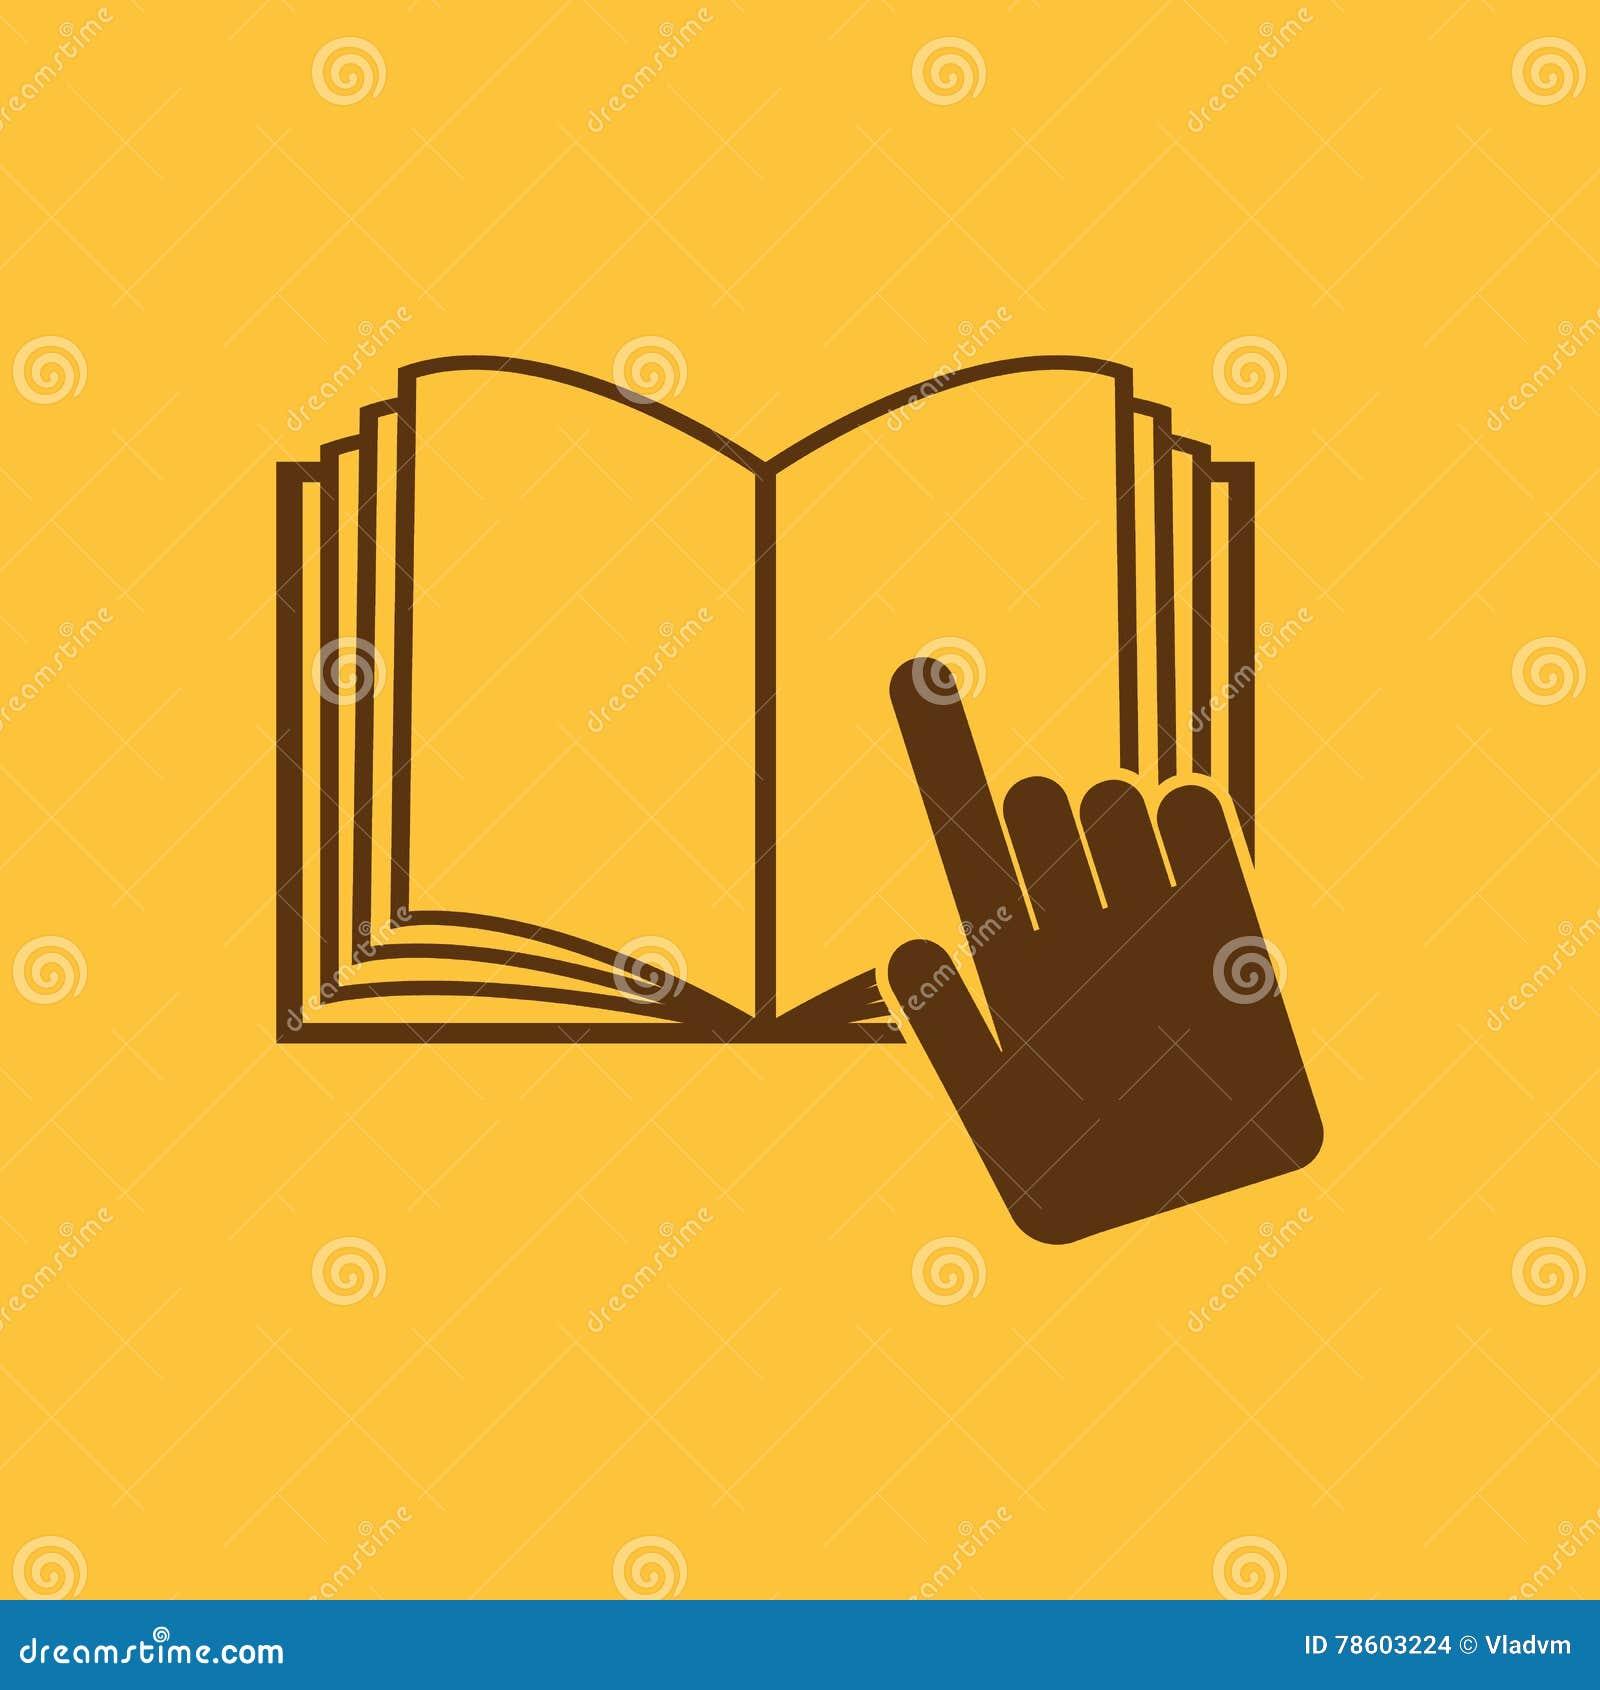 Το ανοικτό εικονίδιο βιβλίων Χειρωνακτικός και διδακτικός, σύμβολο οδηγίας επίπεδος